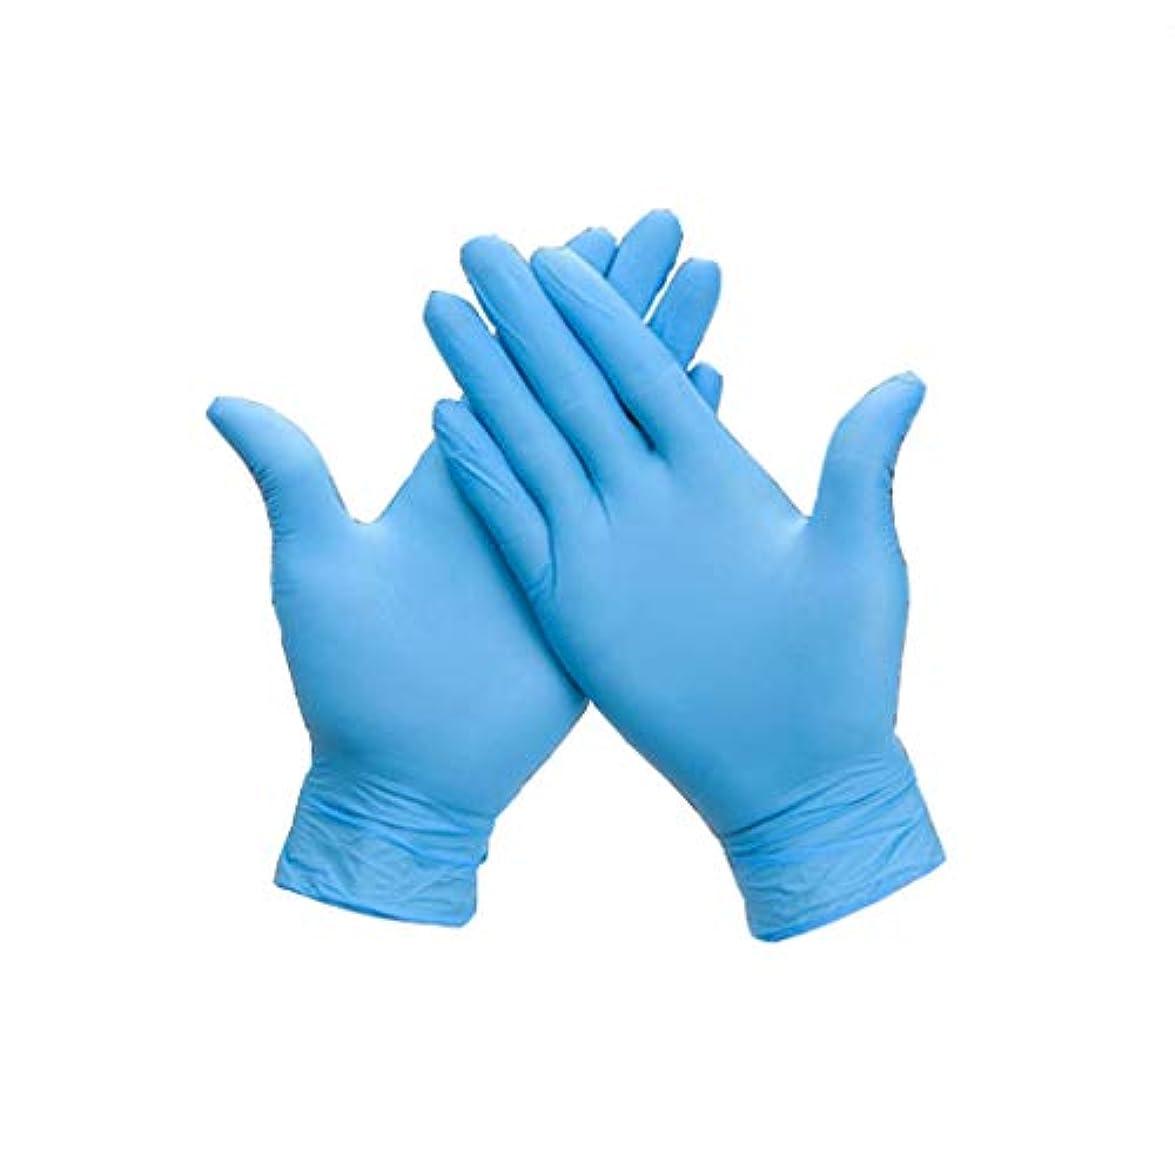 拾う韓国延ばす手袋使い捨ての健康診断ニトリル手袋食品グレード輸入青粉フリー丁清の手袋200 (サイズ さいず : L l)